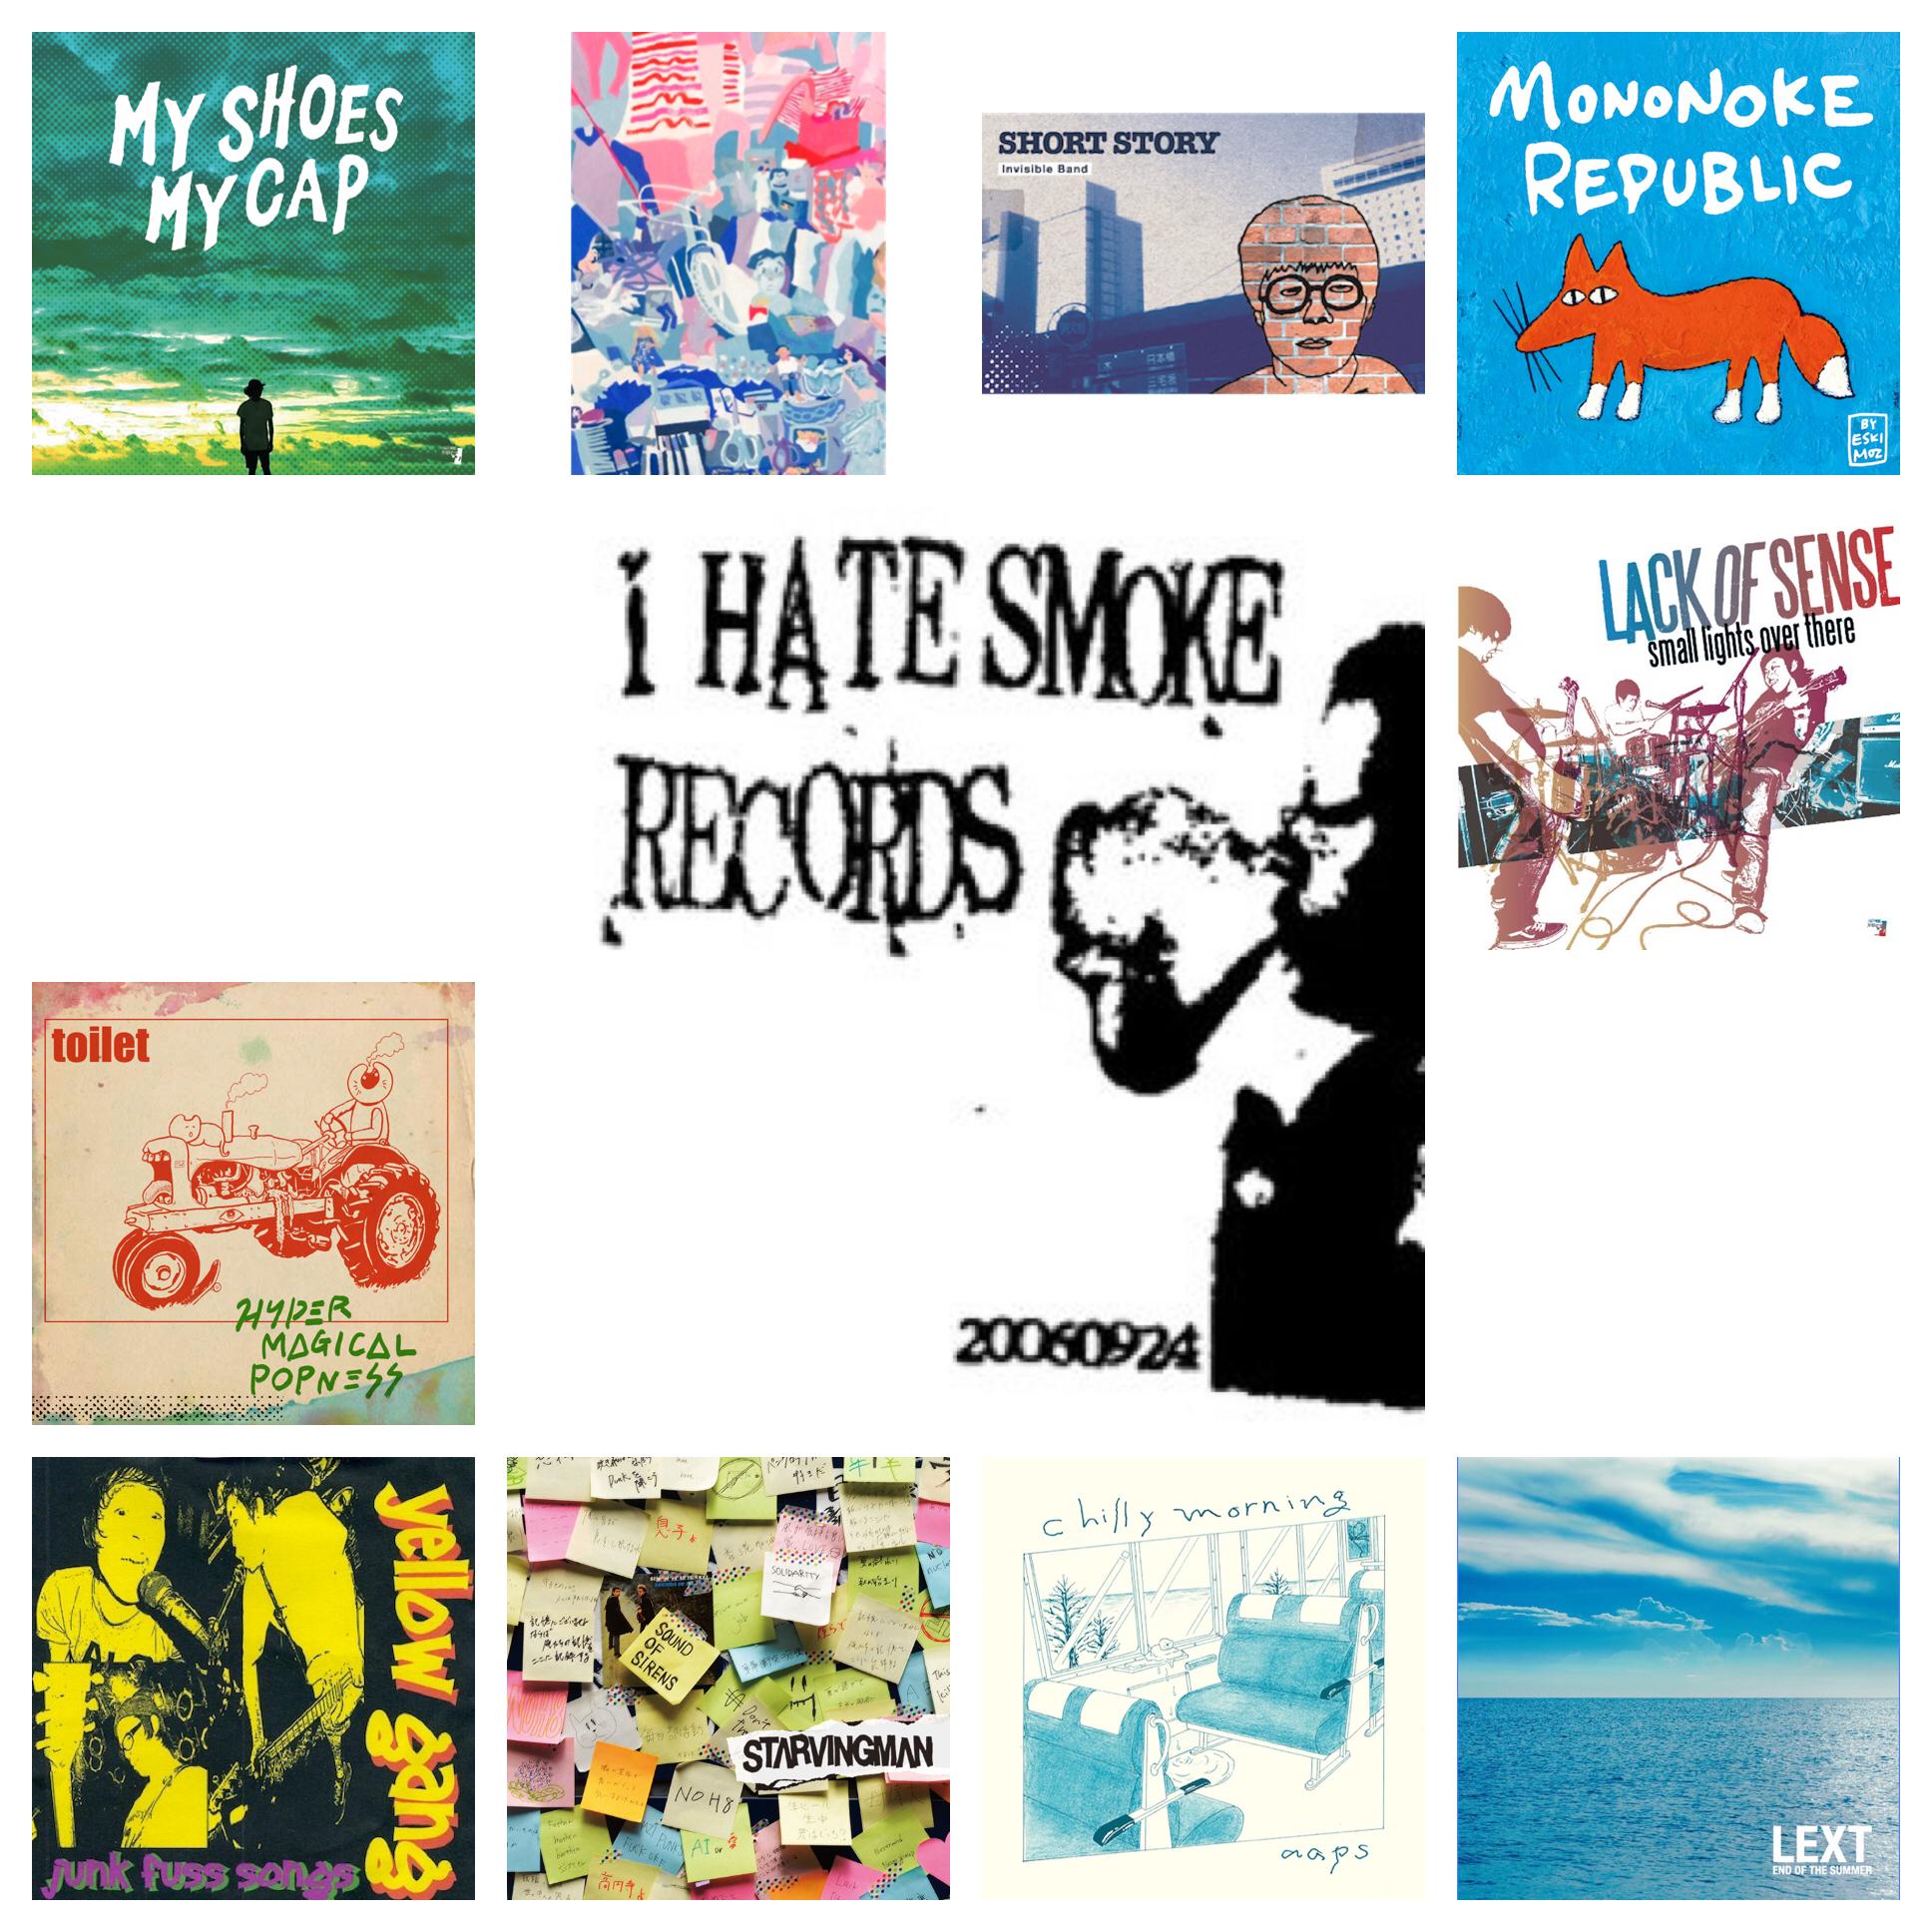 I Hate Smoke Records Sampler